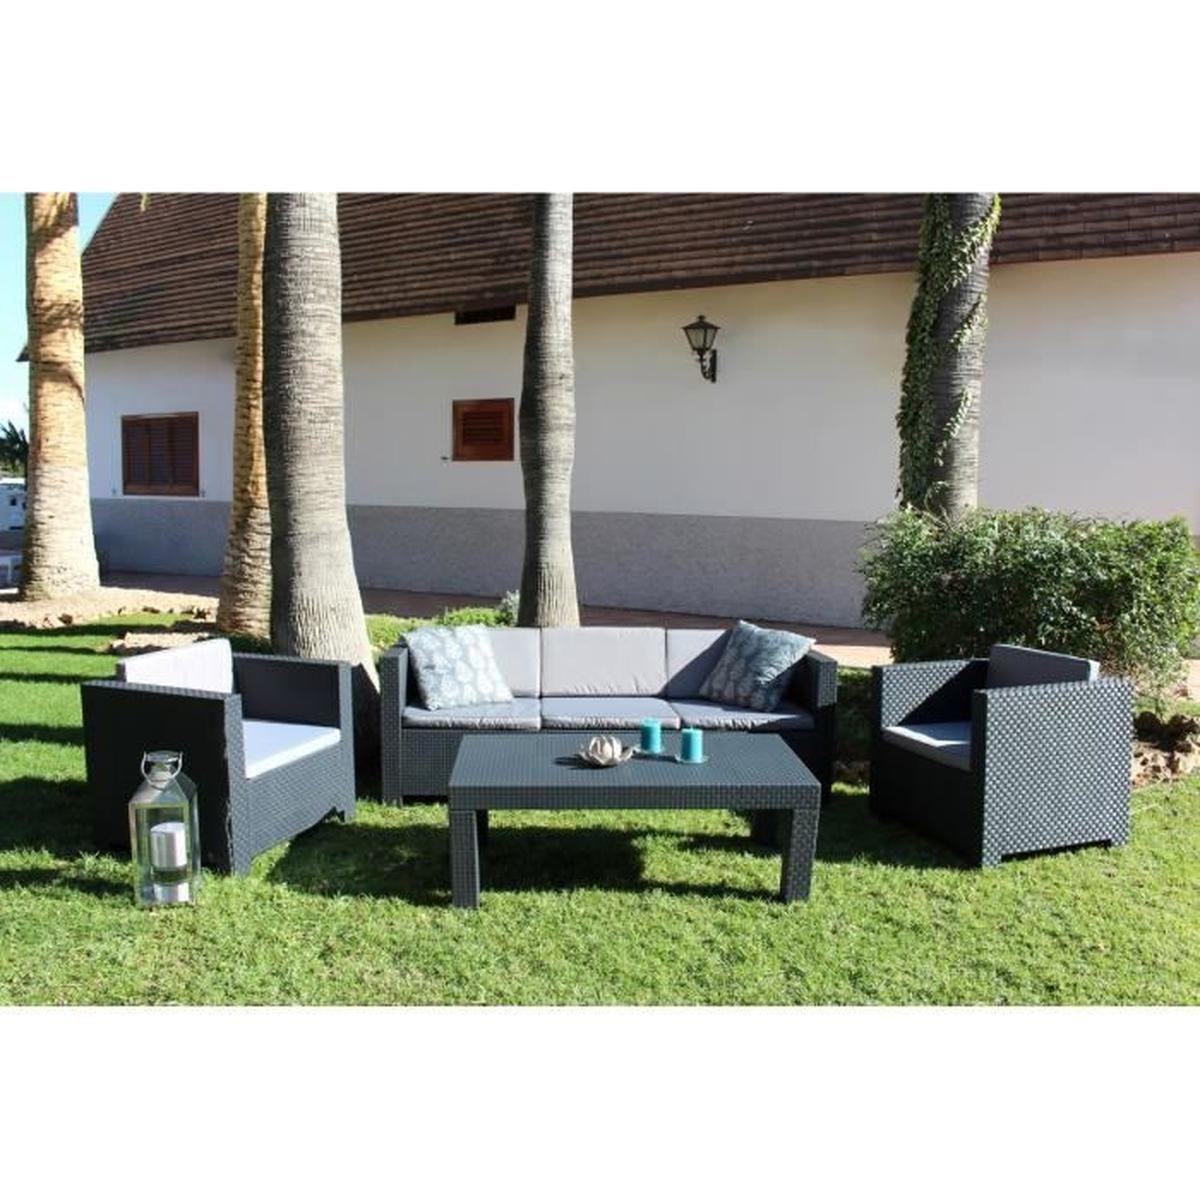 Tropea: Salon De Jardin 5 Places Effet Résine Tressée ... avec Cdiscount Salon De Jardin Resine Tressee